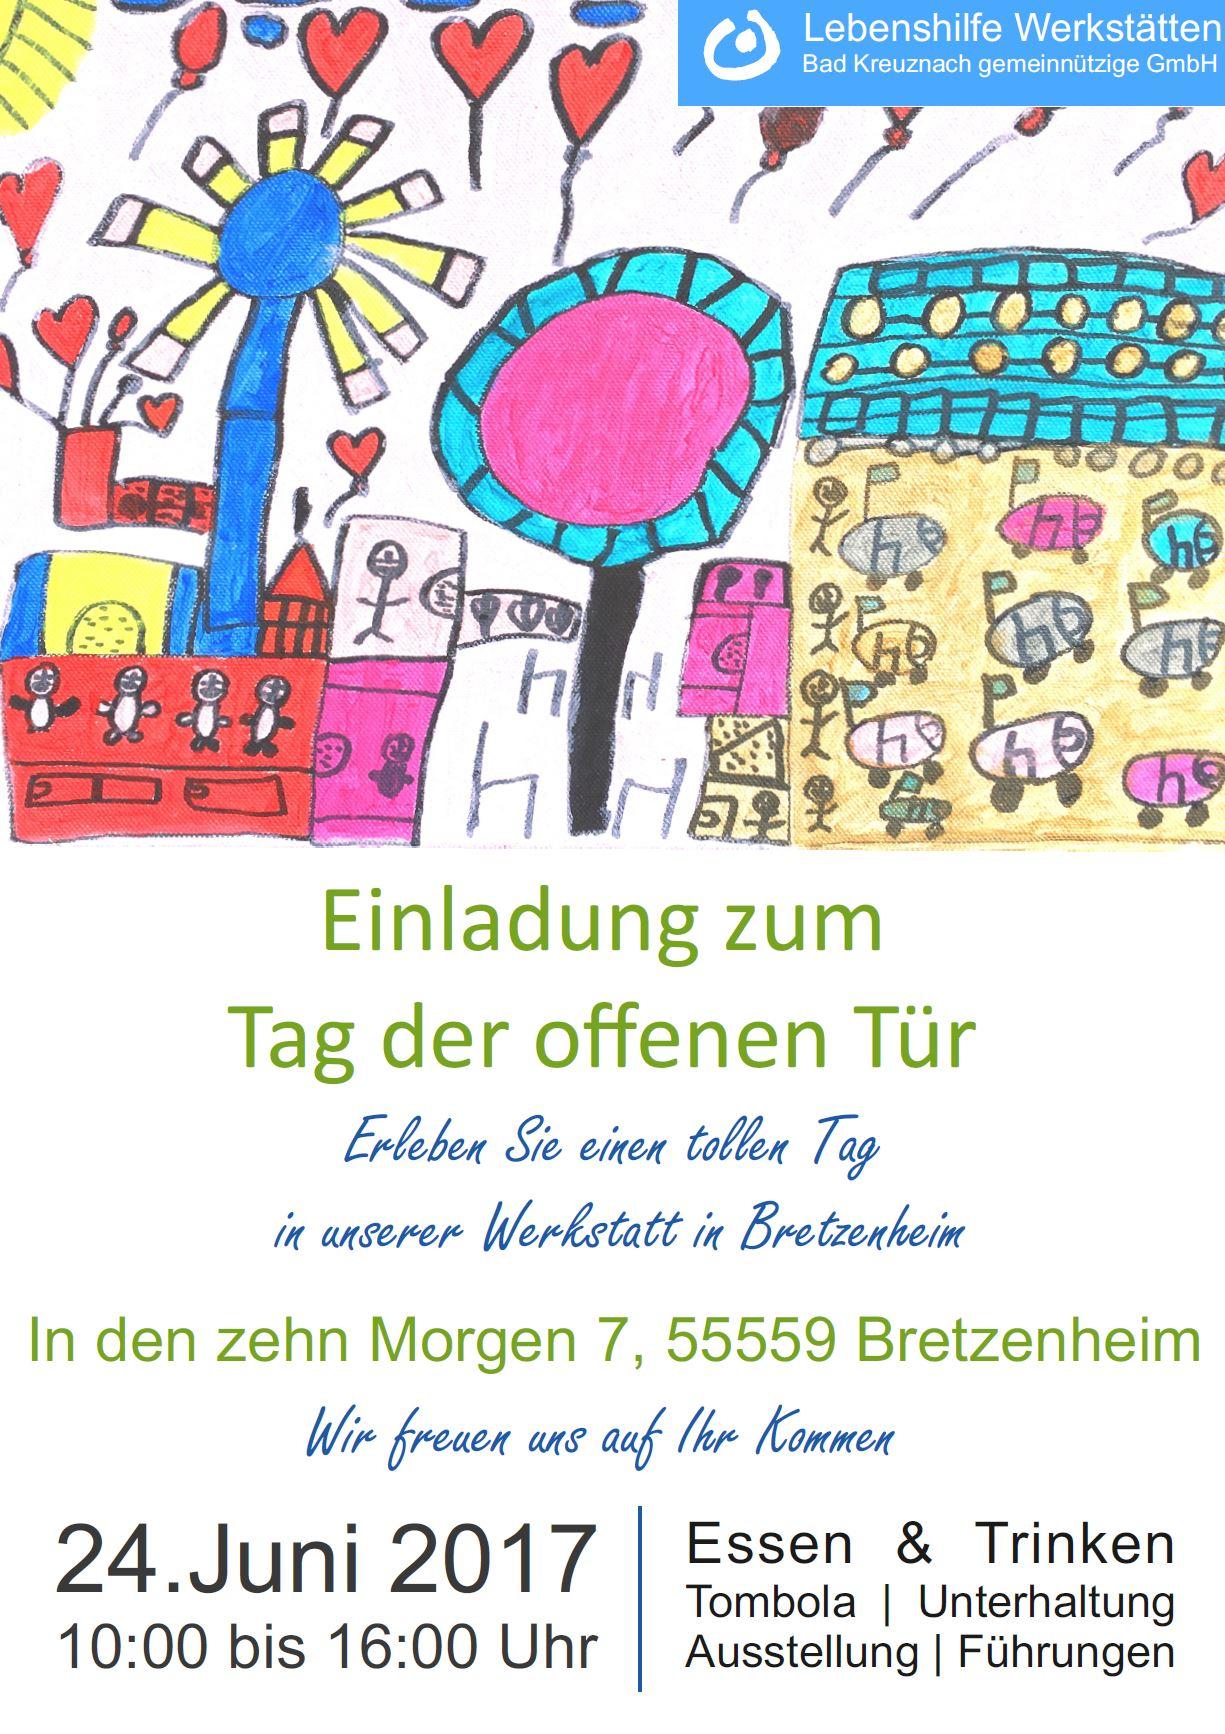 Plakat Einladung zum Lebenshilfe Tag der offenen Tür